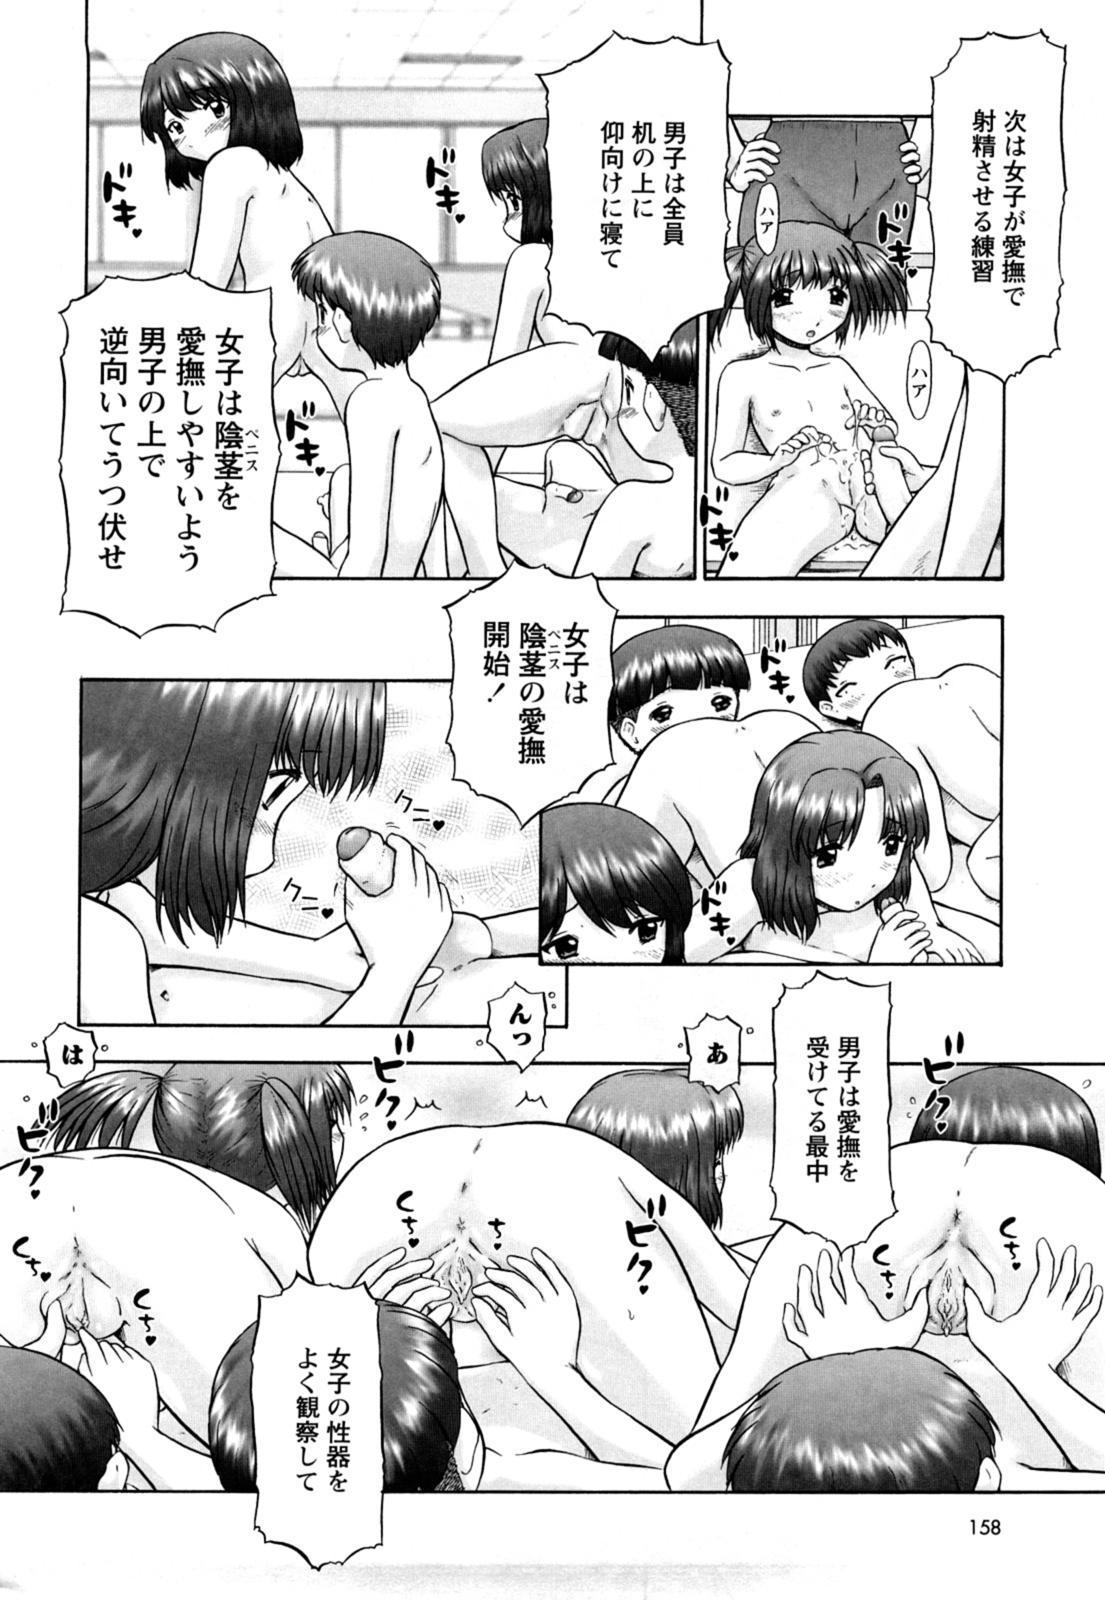 Koneko no Gakushuchou 159